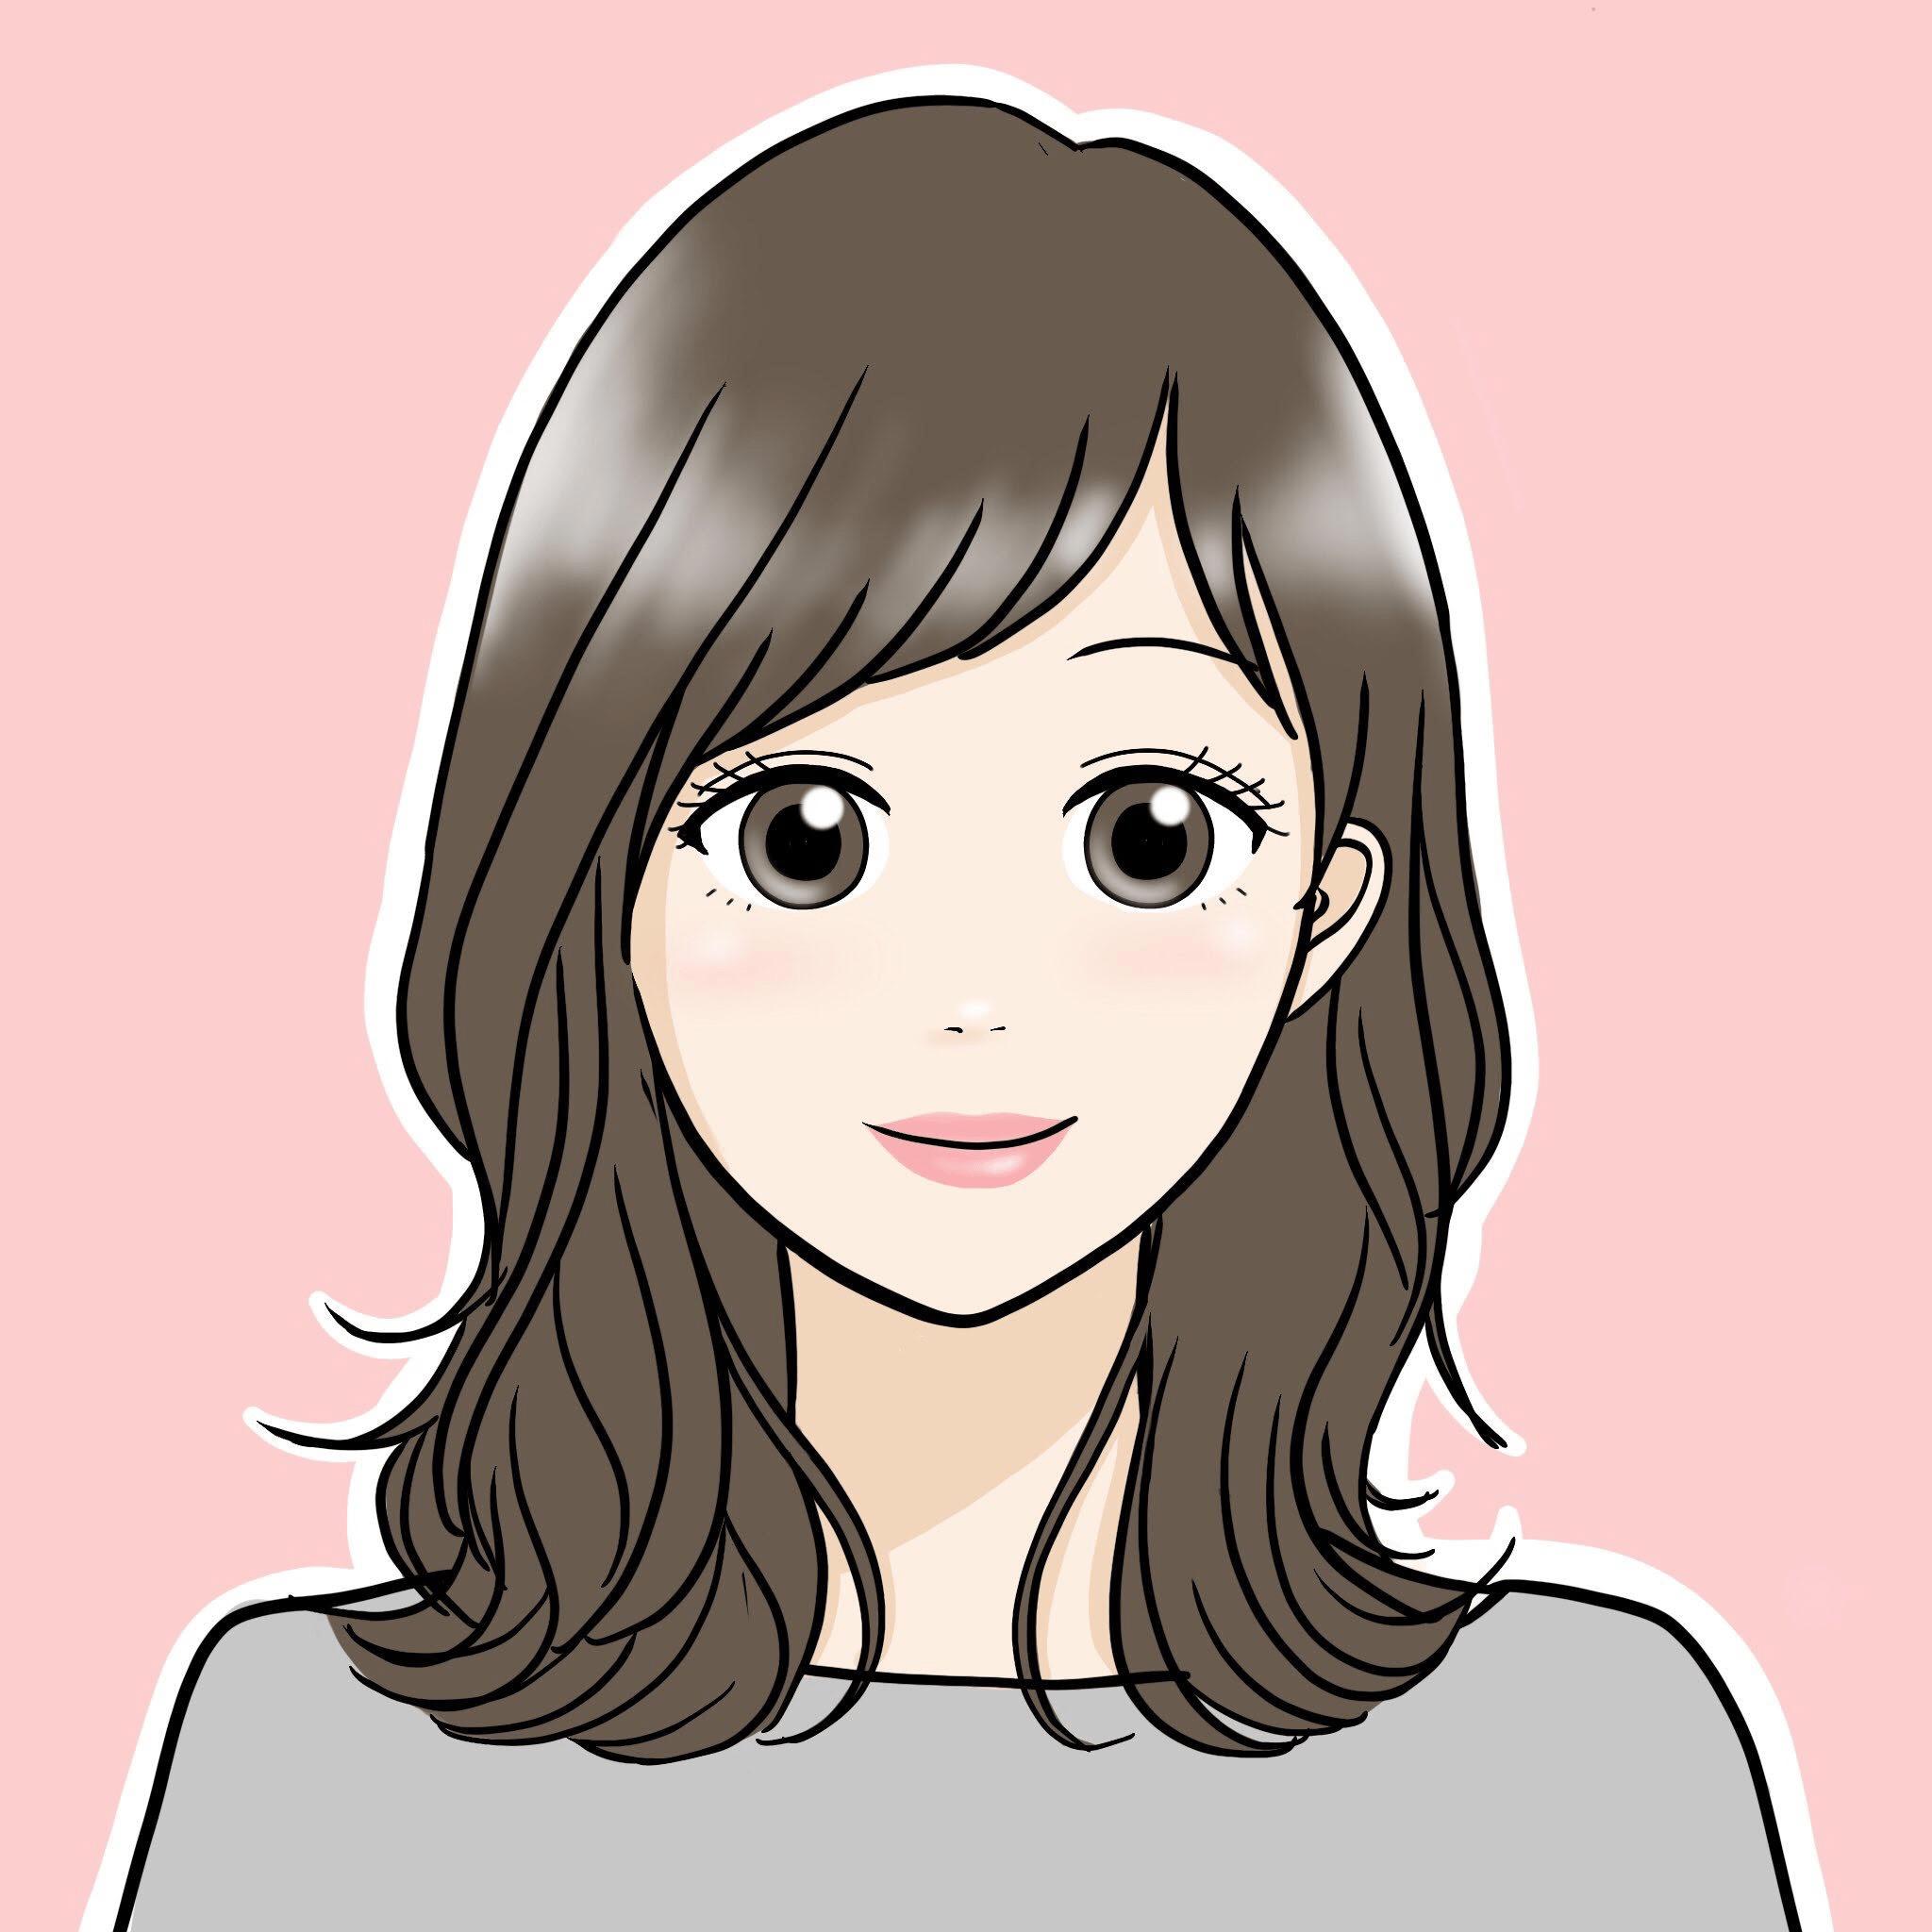 表情_女性_笑顔